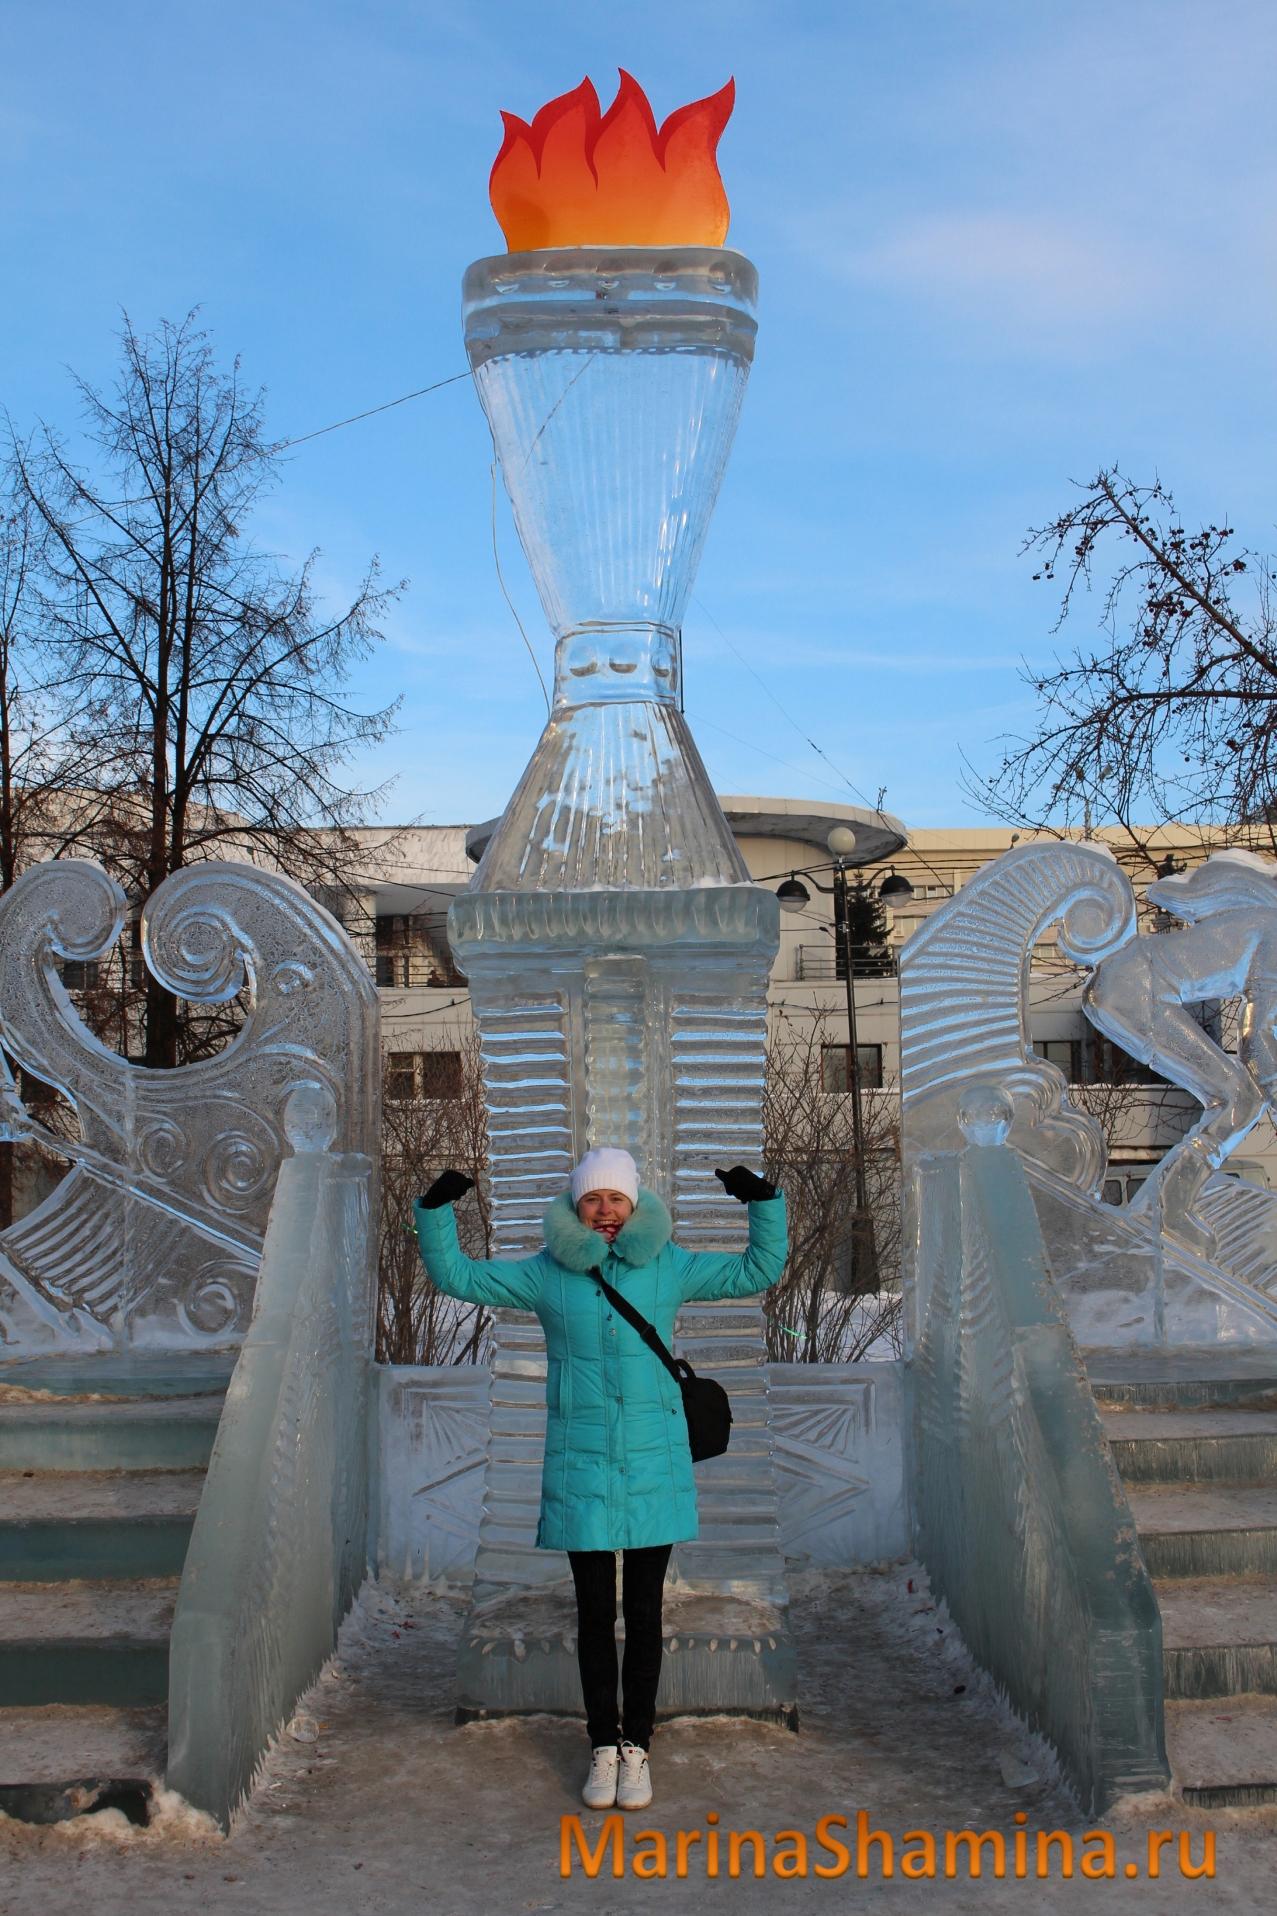 Волшебный лед Сибири, фестиваль, Марина Шамина, олимпийский огонь, Красноярск, главная площадь Красноярска, в Красноярске,